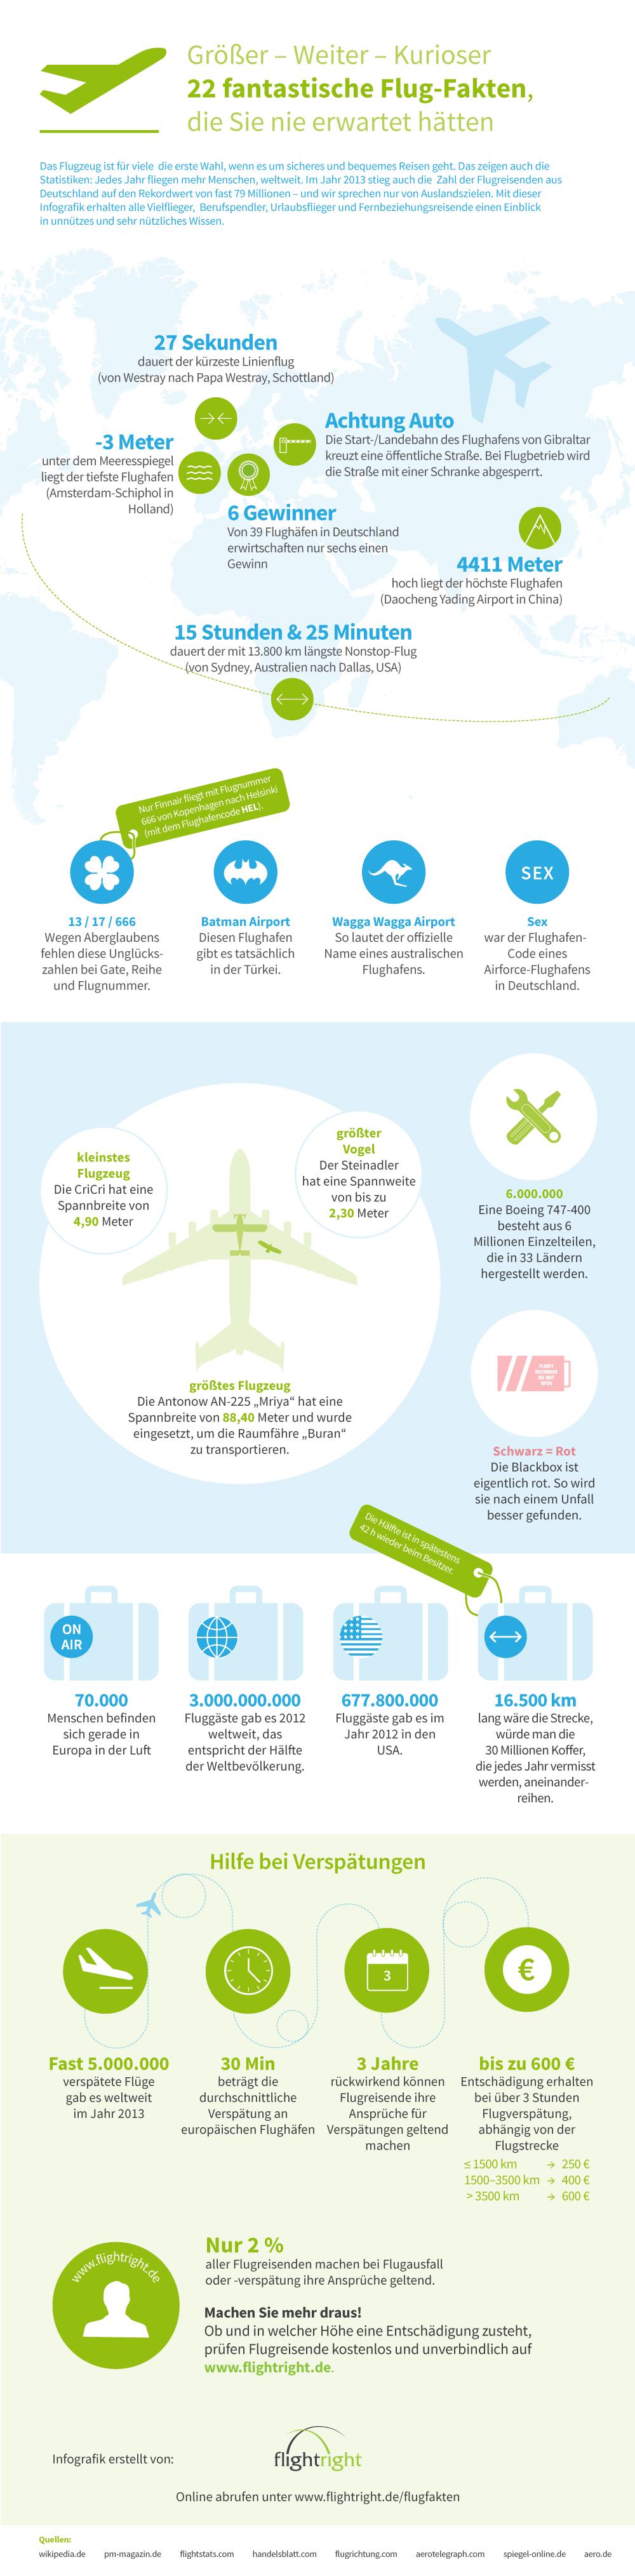 Flugfakten Infografik